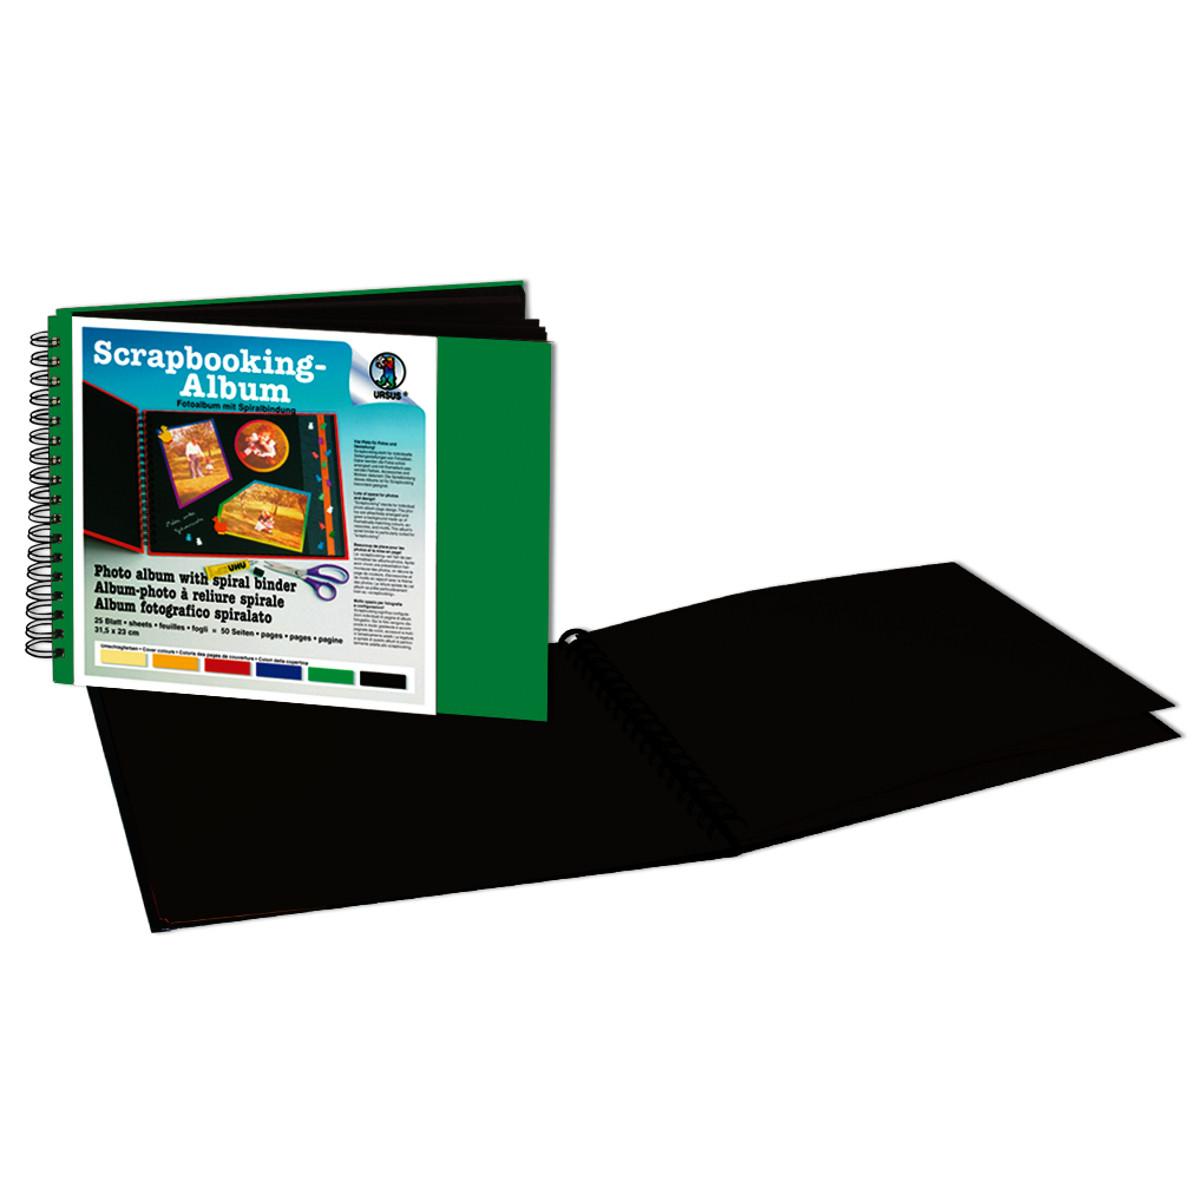 Scrapbooking-Album 23 x 31,5 cm - 25 schwarze Seiten